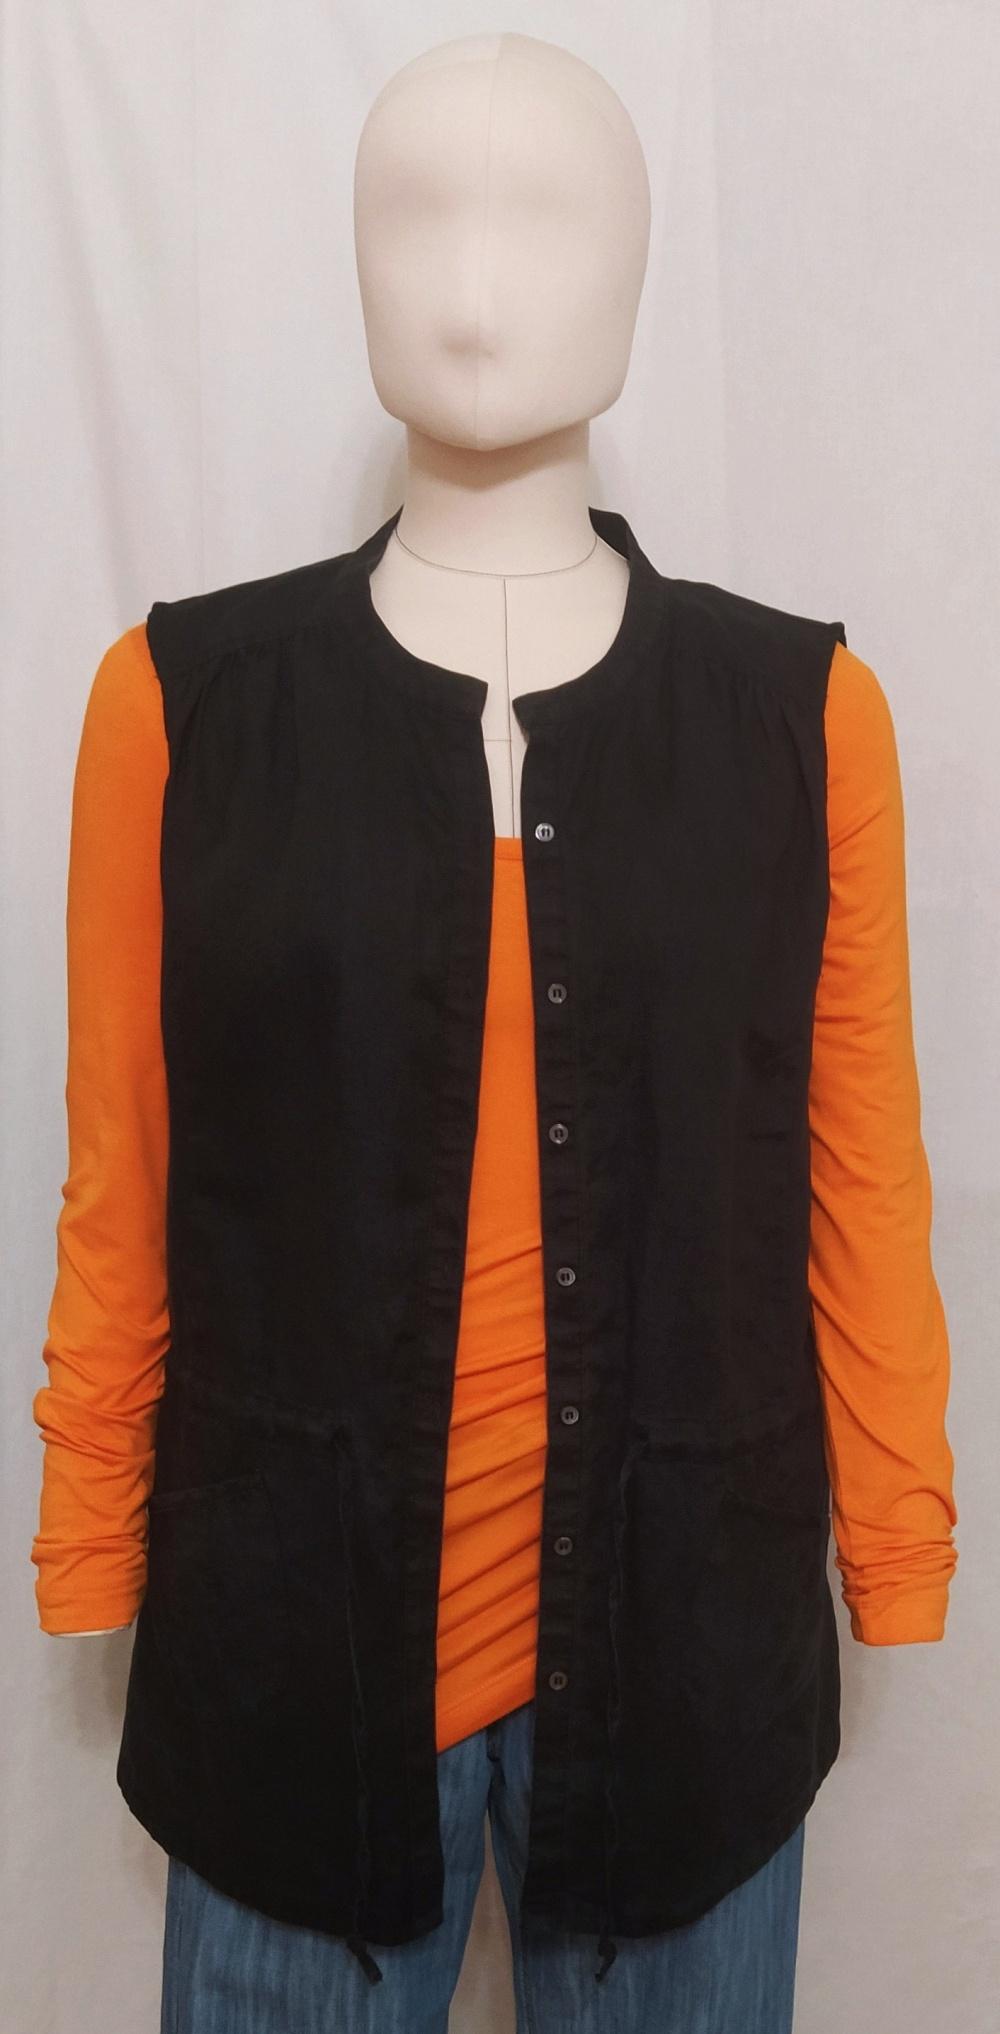 Рубашка изо льна Manokuian для BCBG Max Azria, L